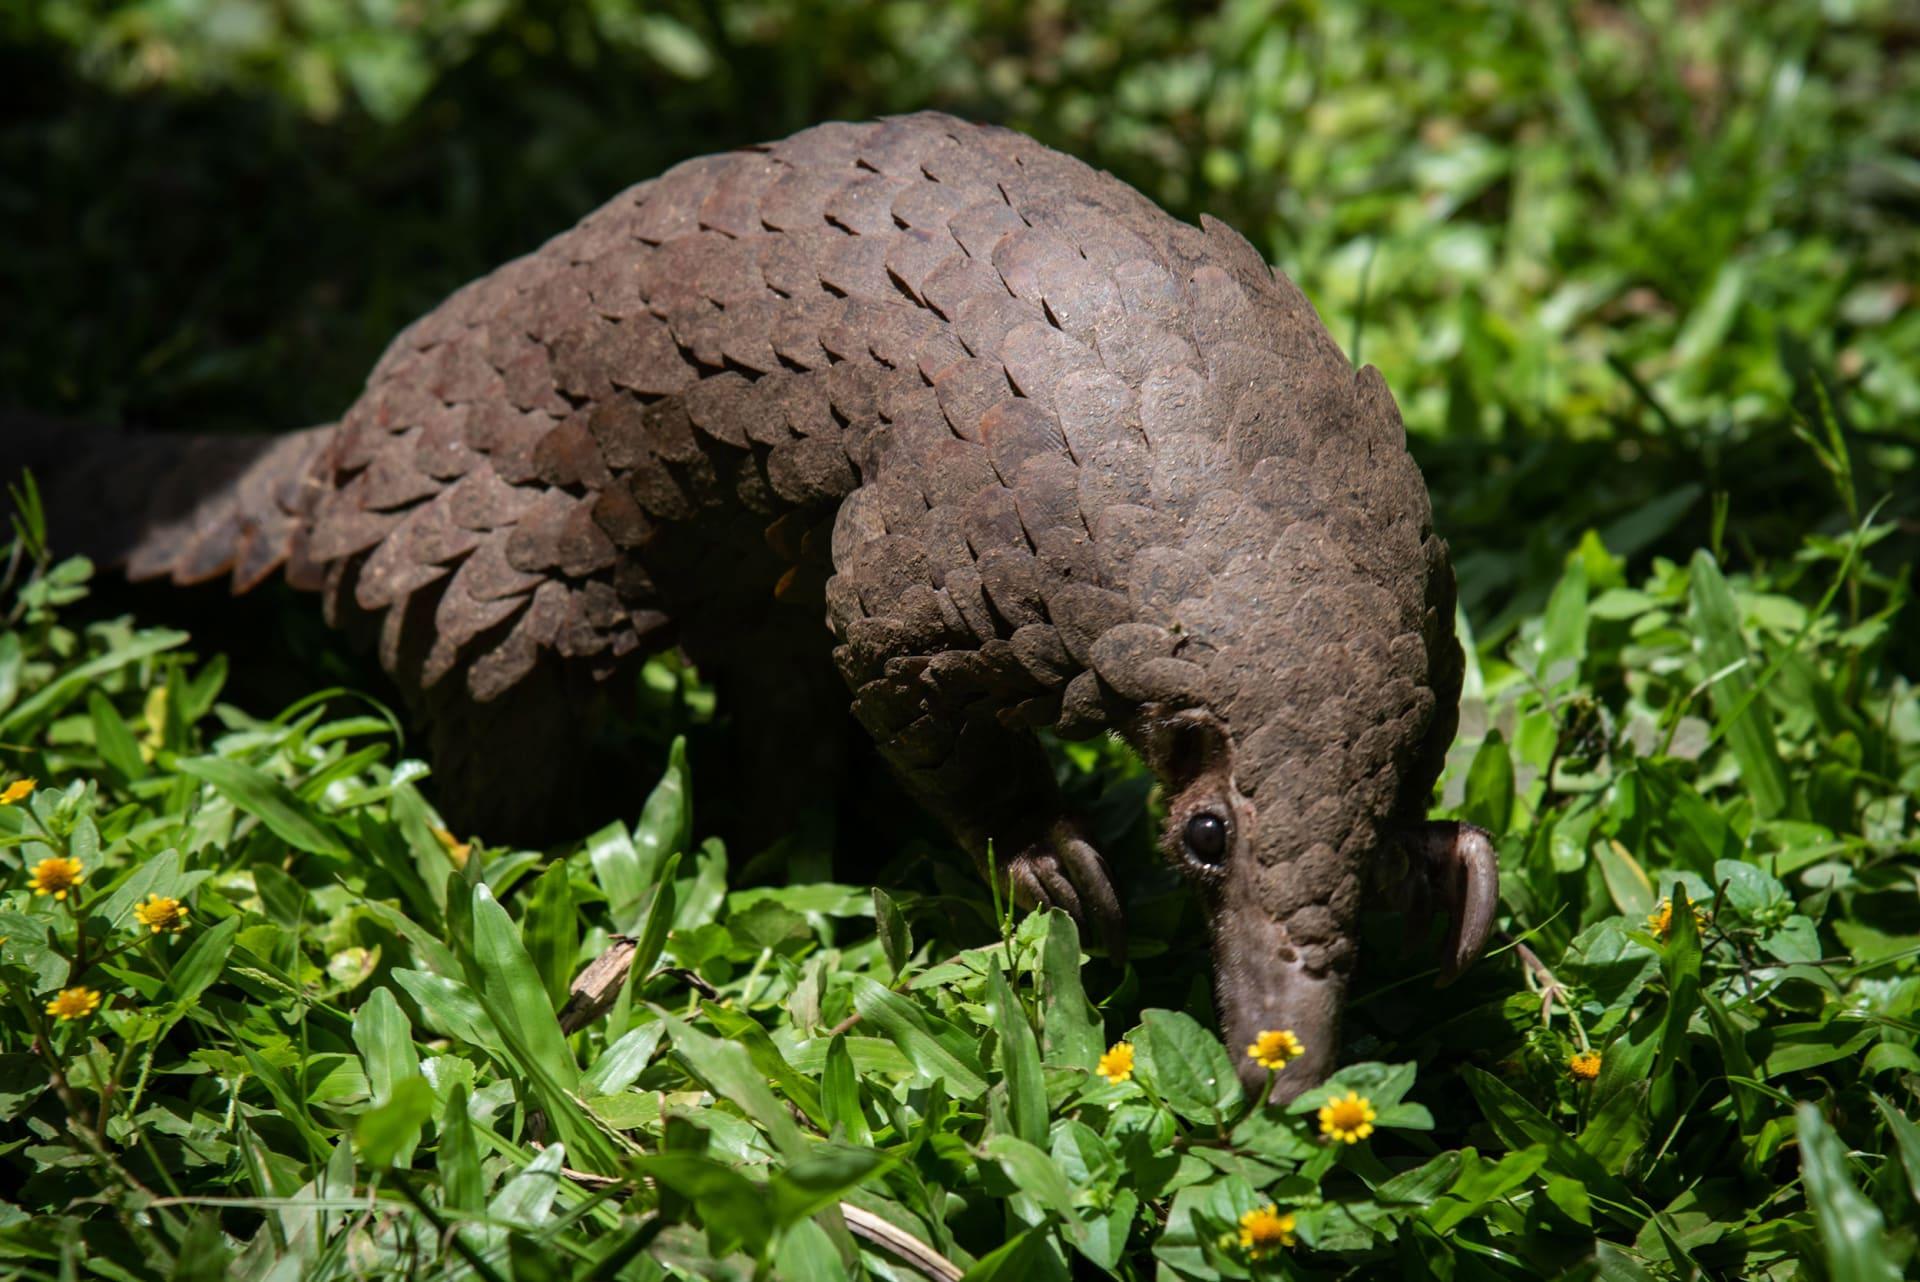 البنغول.. من المحتمل أن هذا الحيوان احتضن فيروس كورونا المستجد